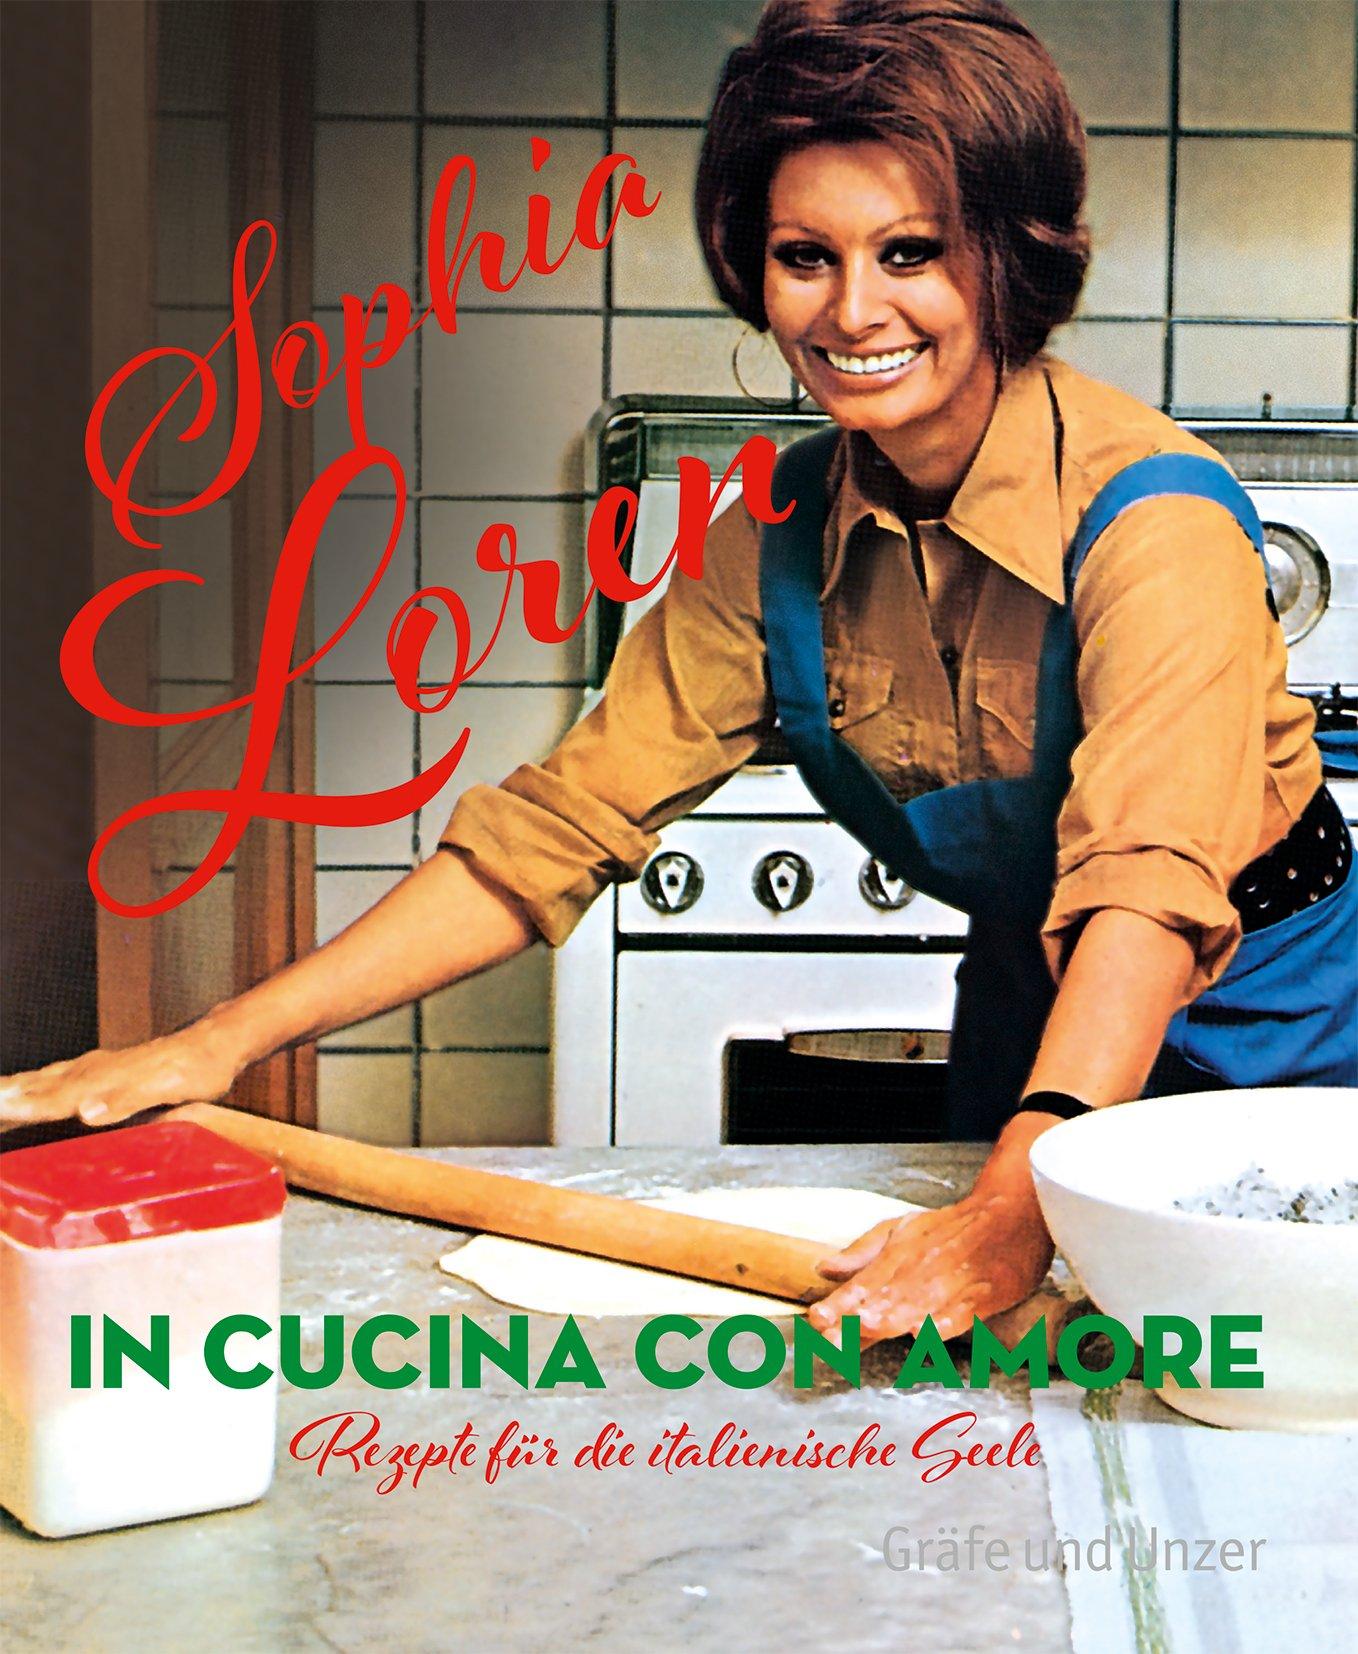 in-cucina-con-amore-rezepte-fr-die-italienische-seele